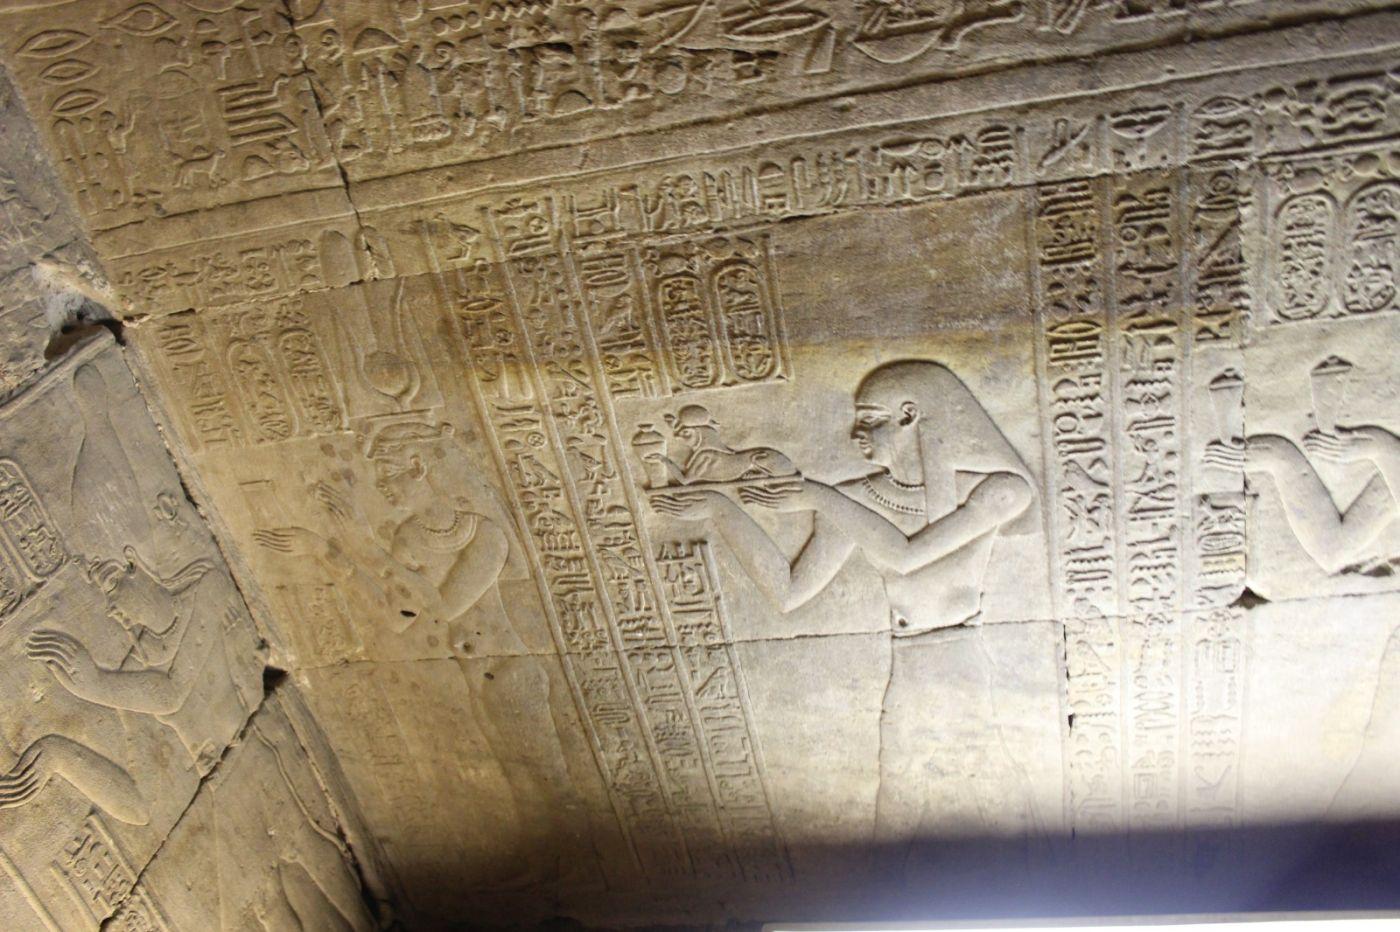 埃德富神庙和卢克索神庙_图1-11